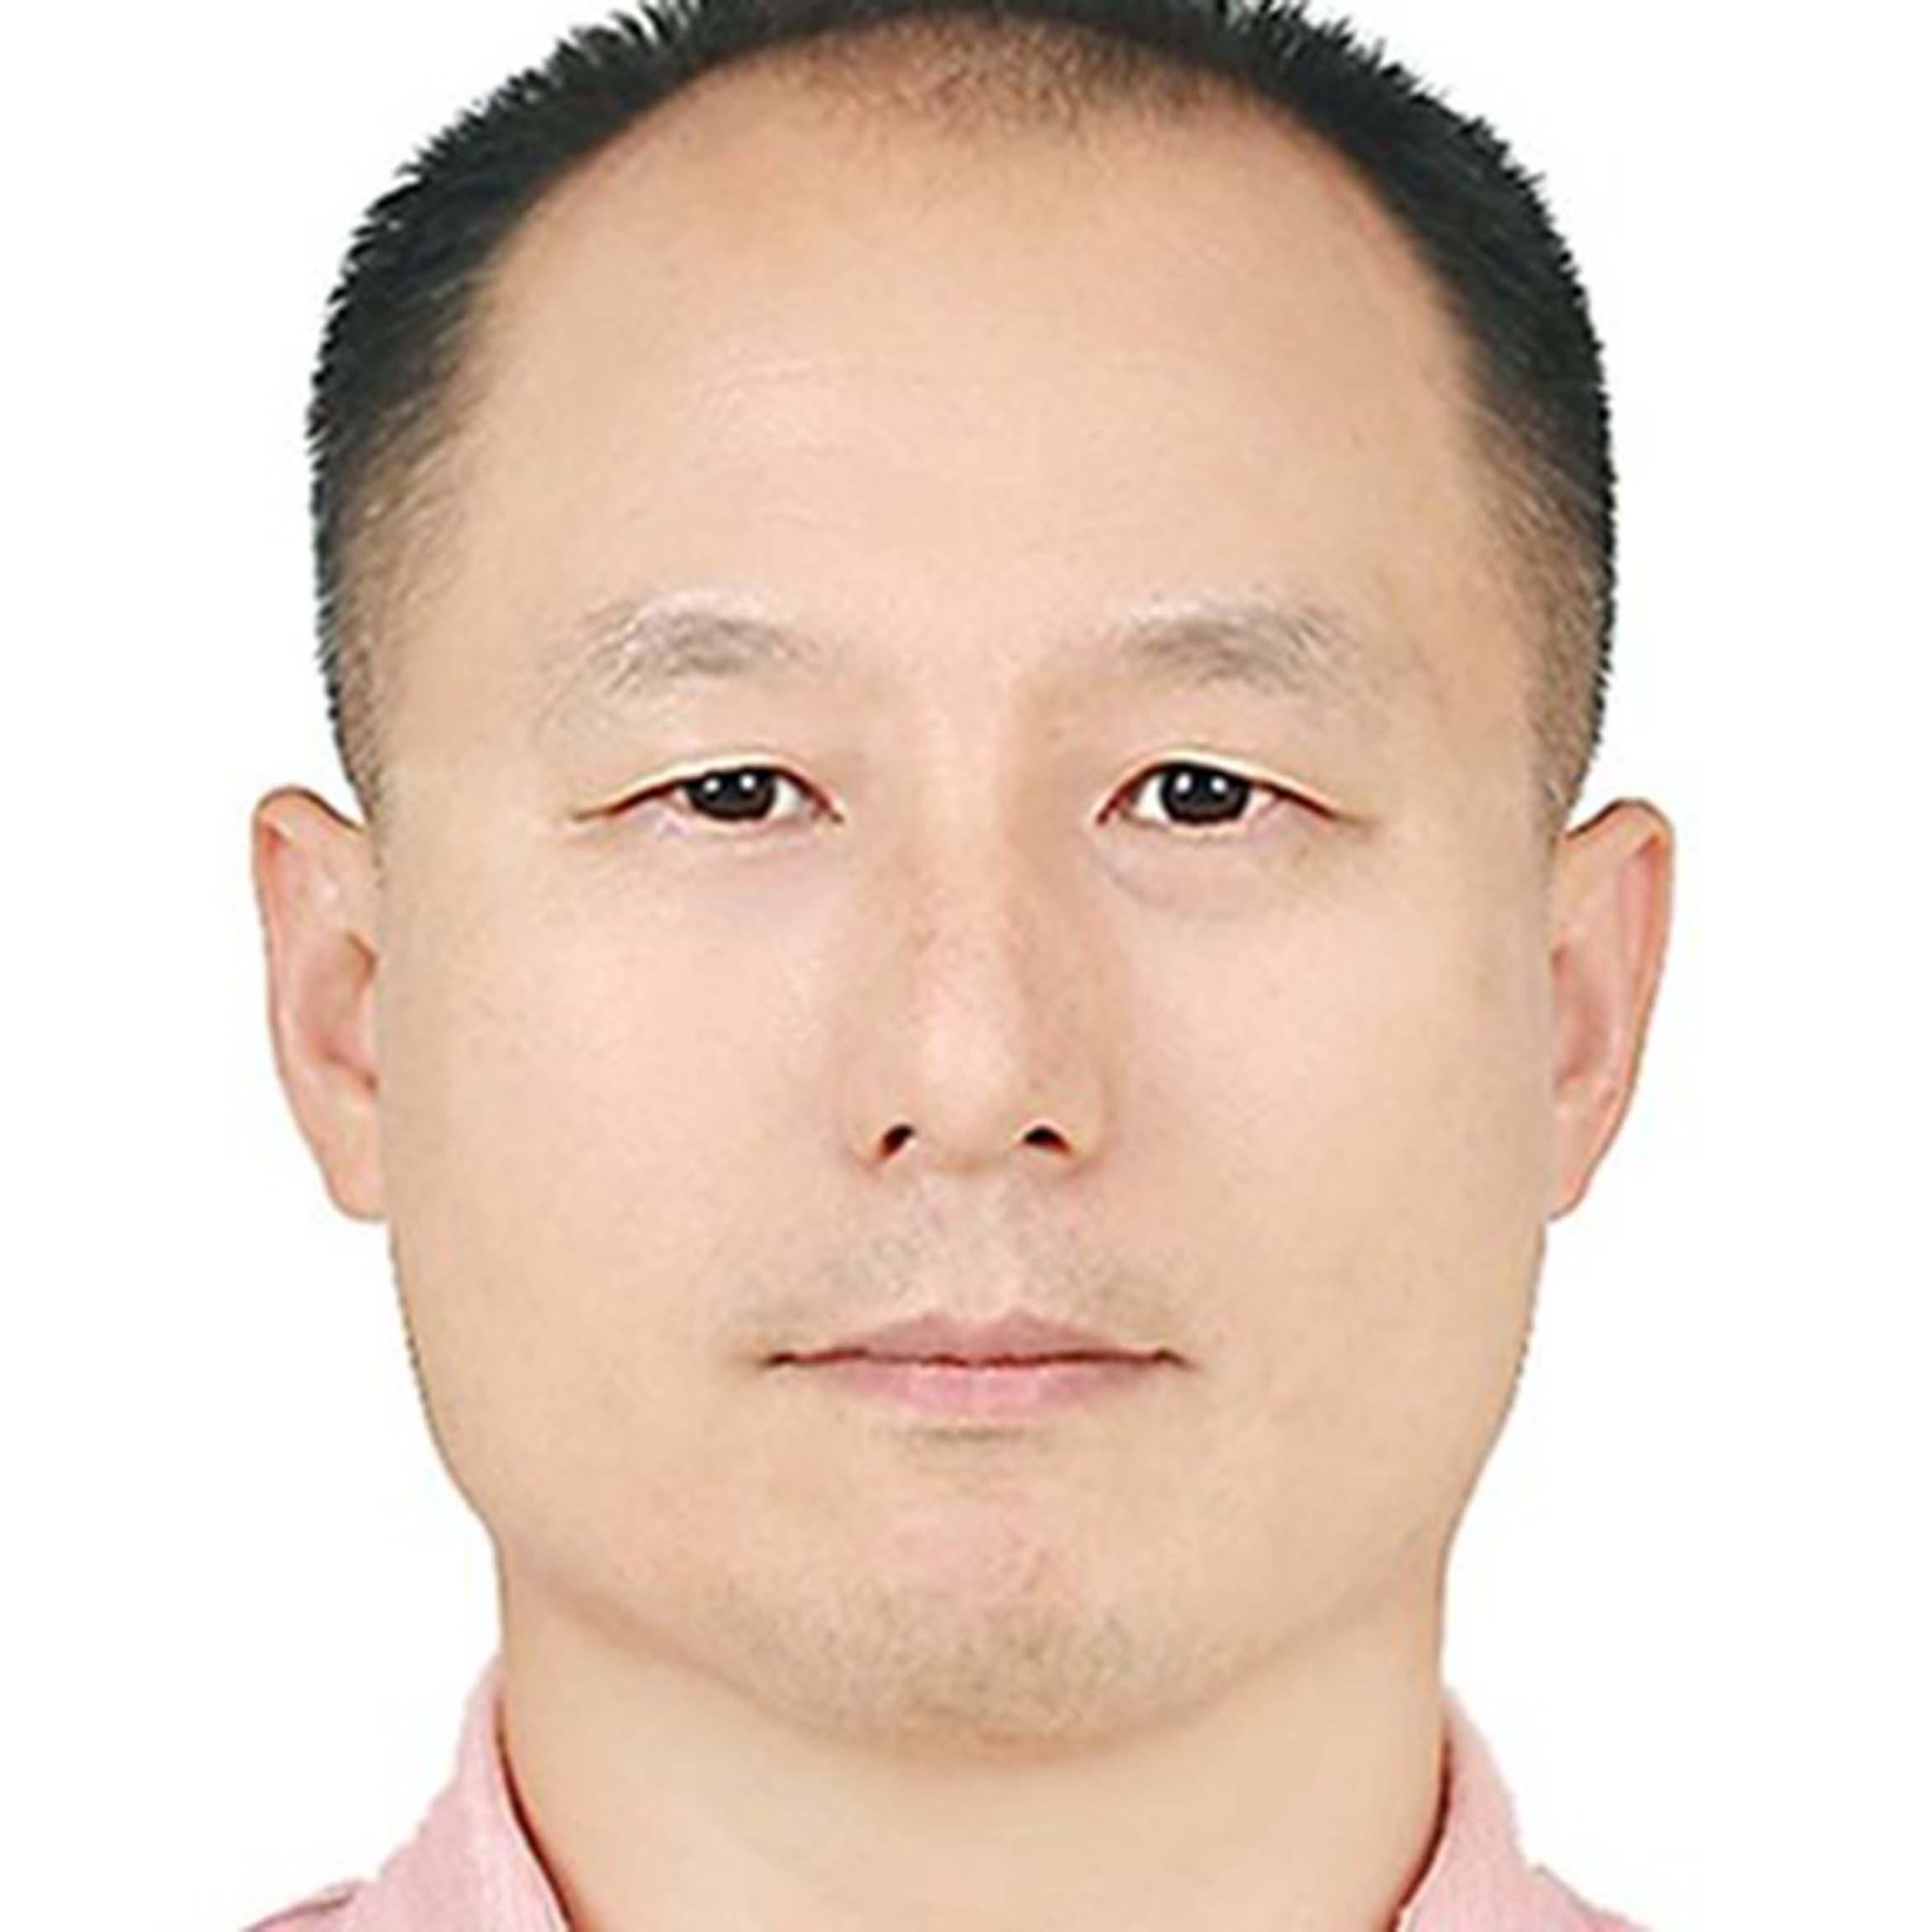 Dr. Chong Hak Chae